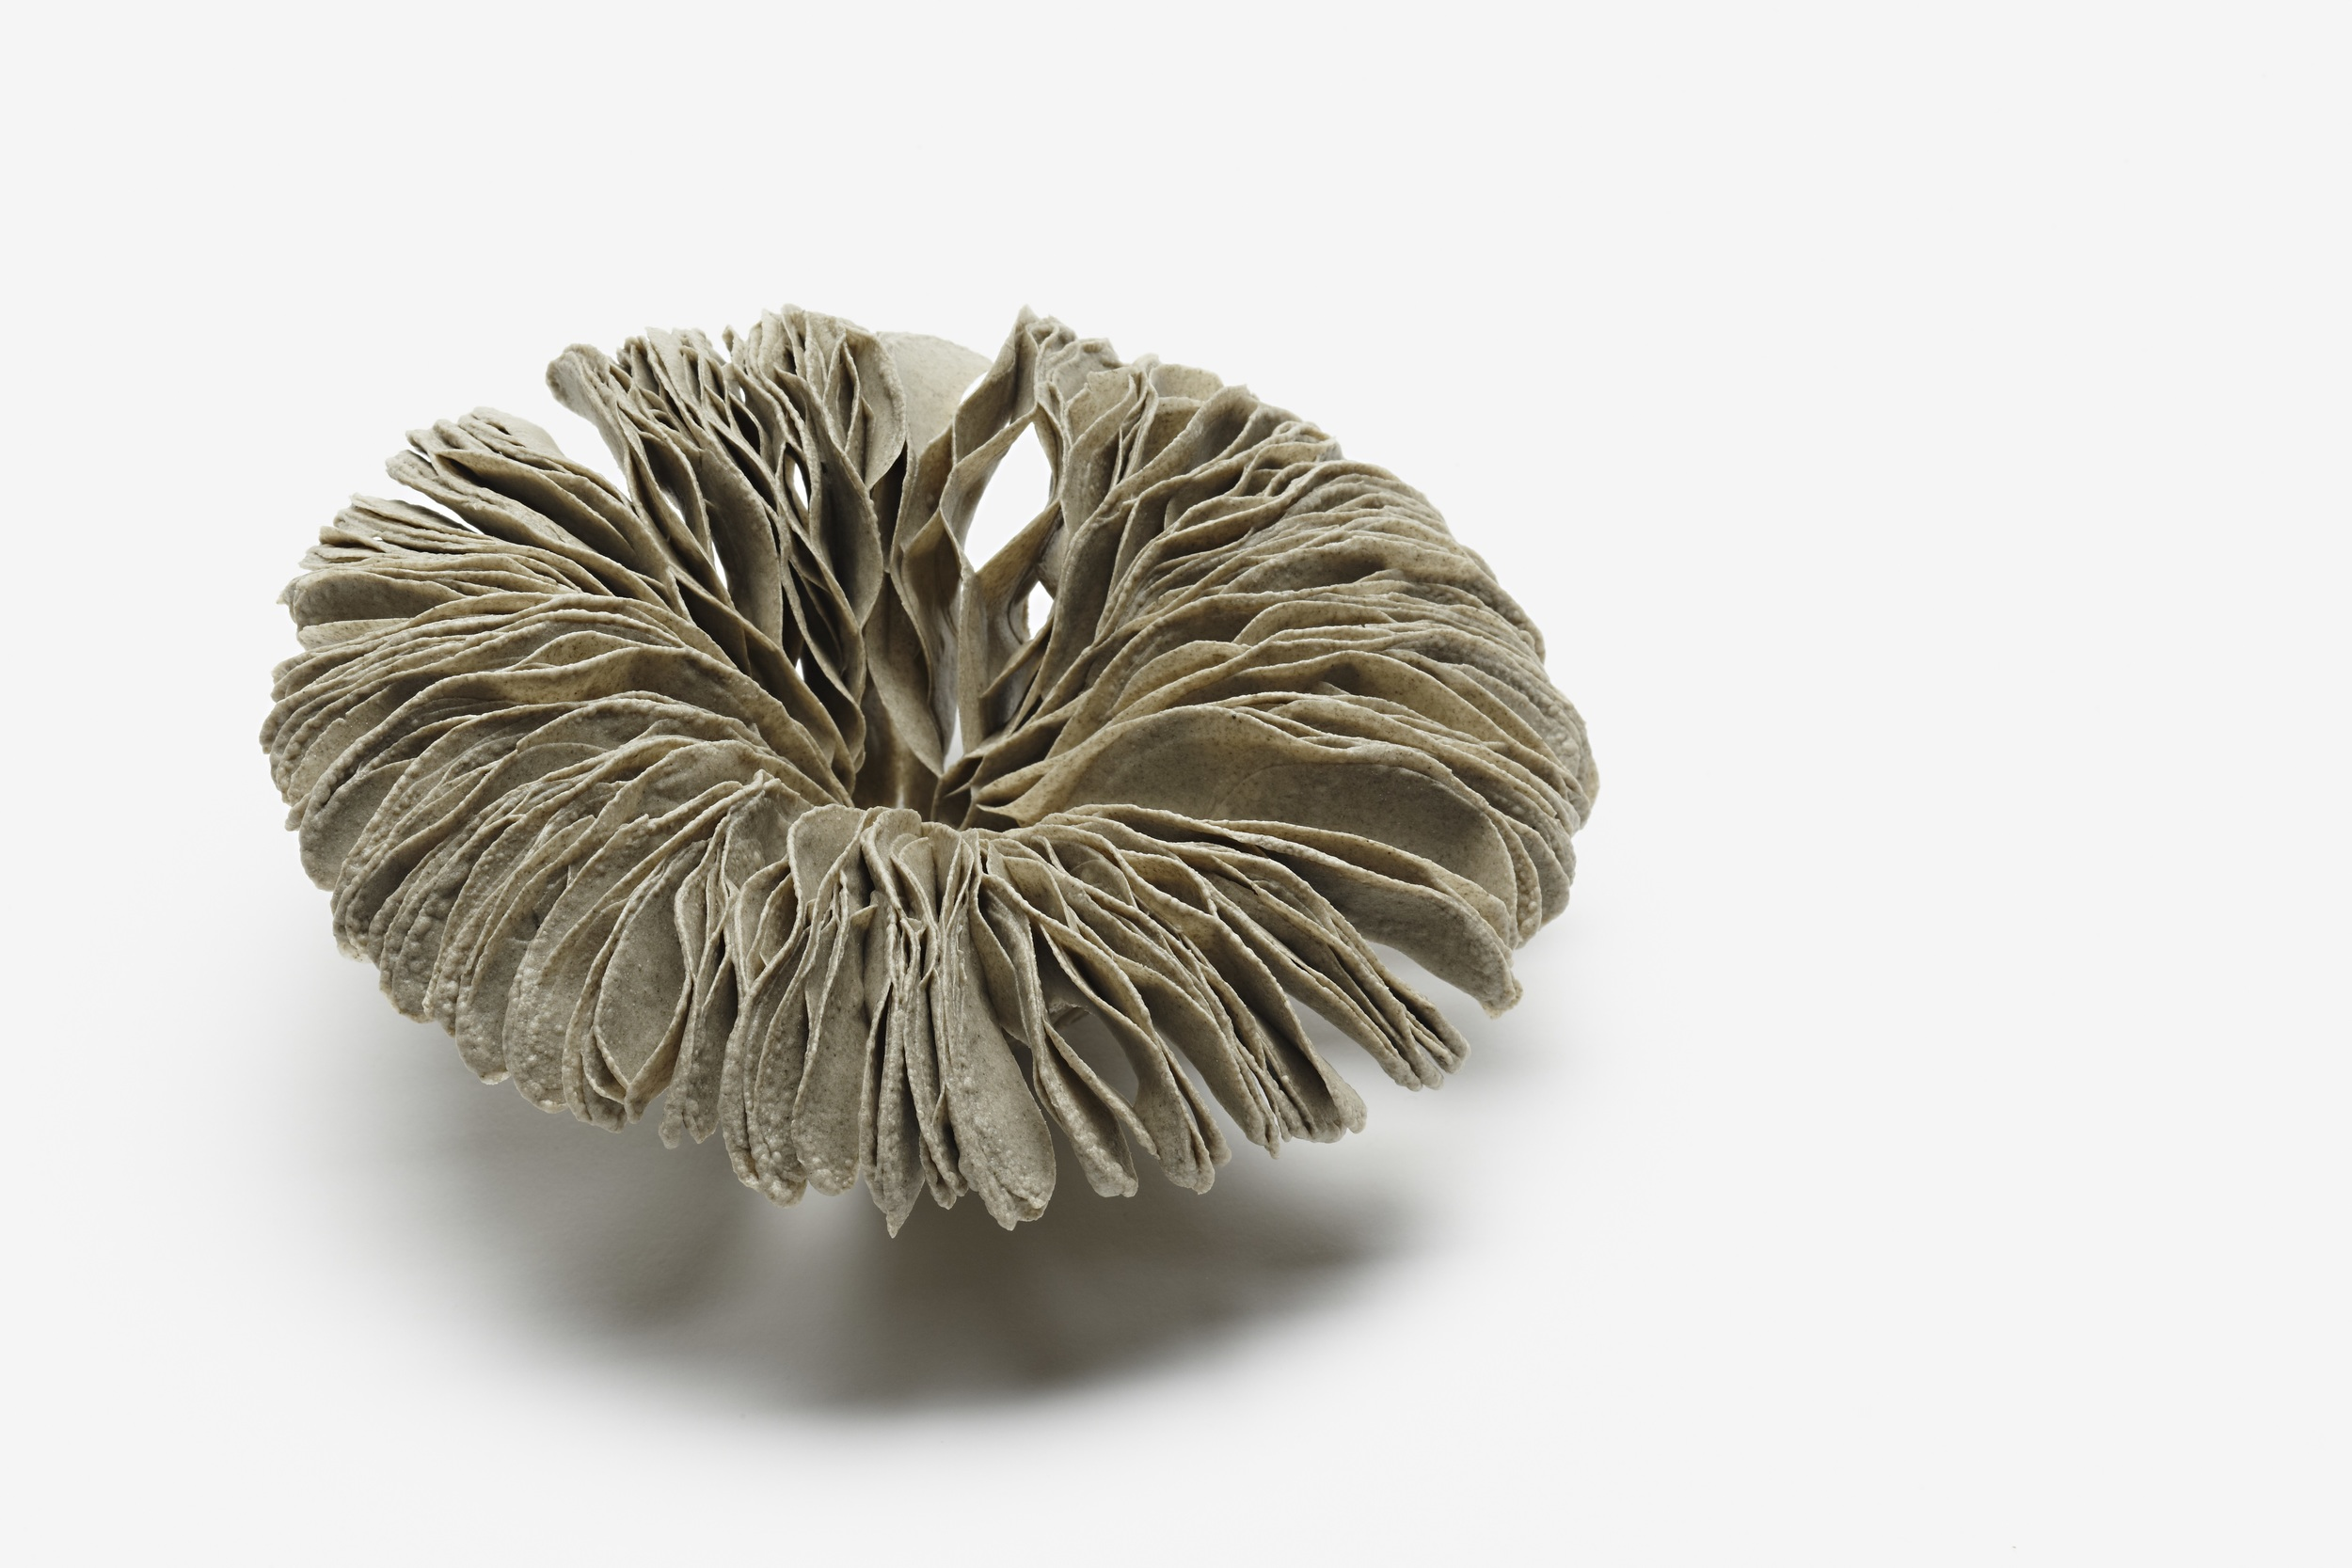 Vibration Series , 2012, artist blend glaze material, 5cm x 15cm x 15cm